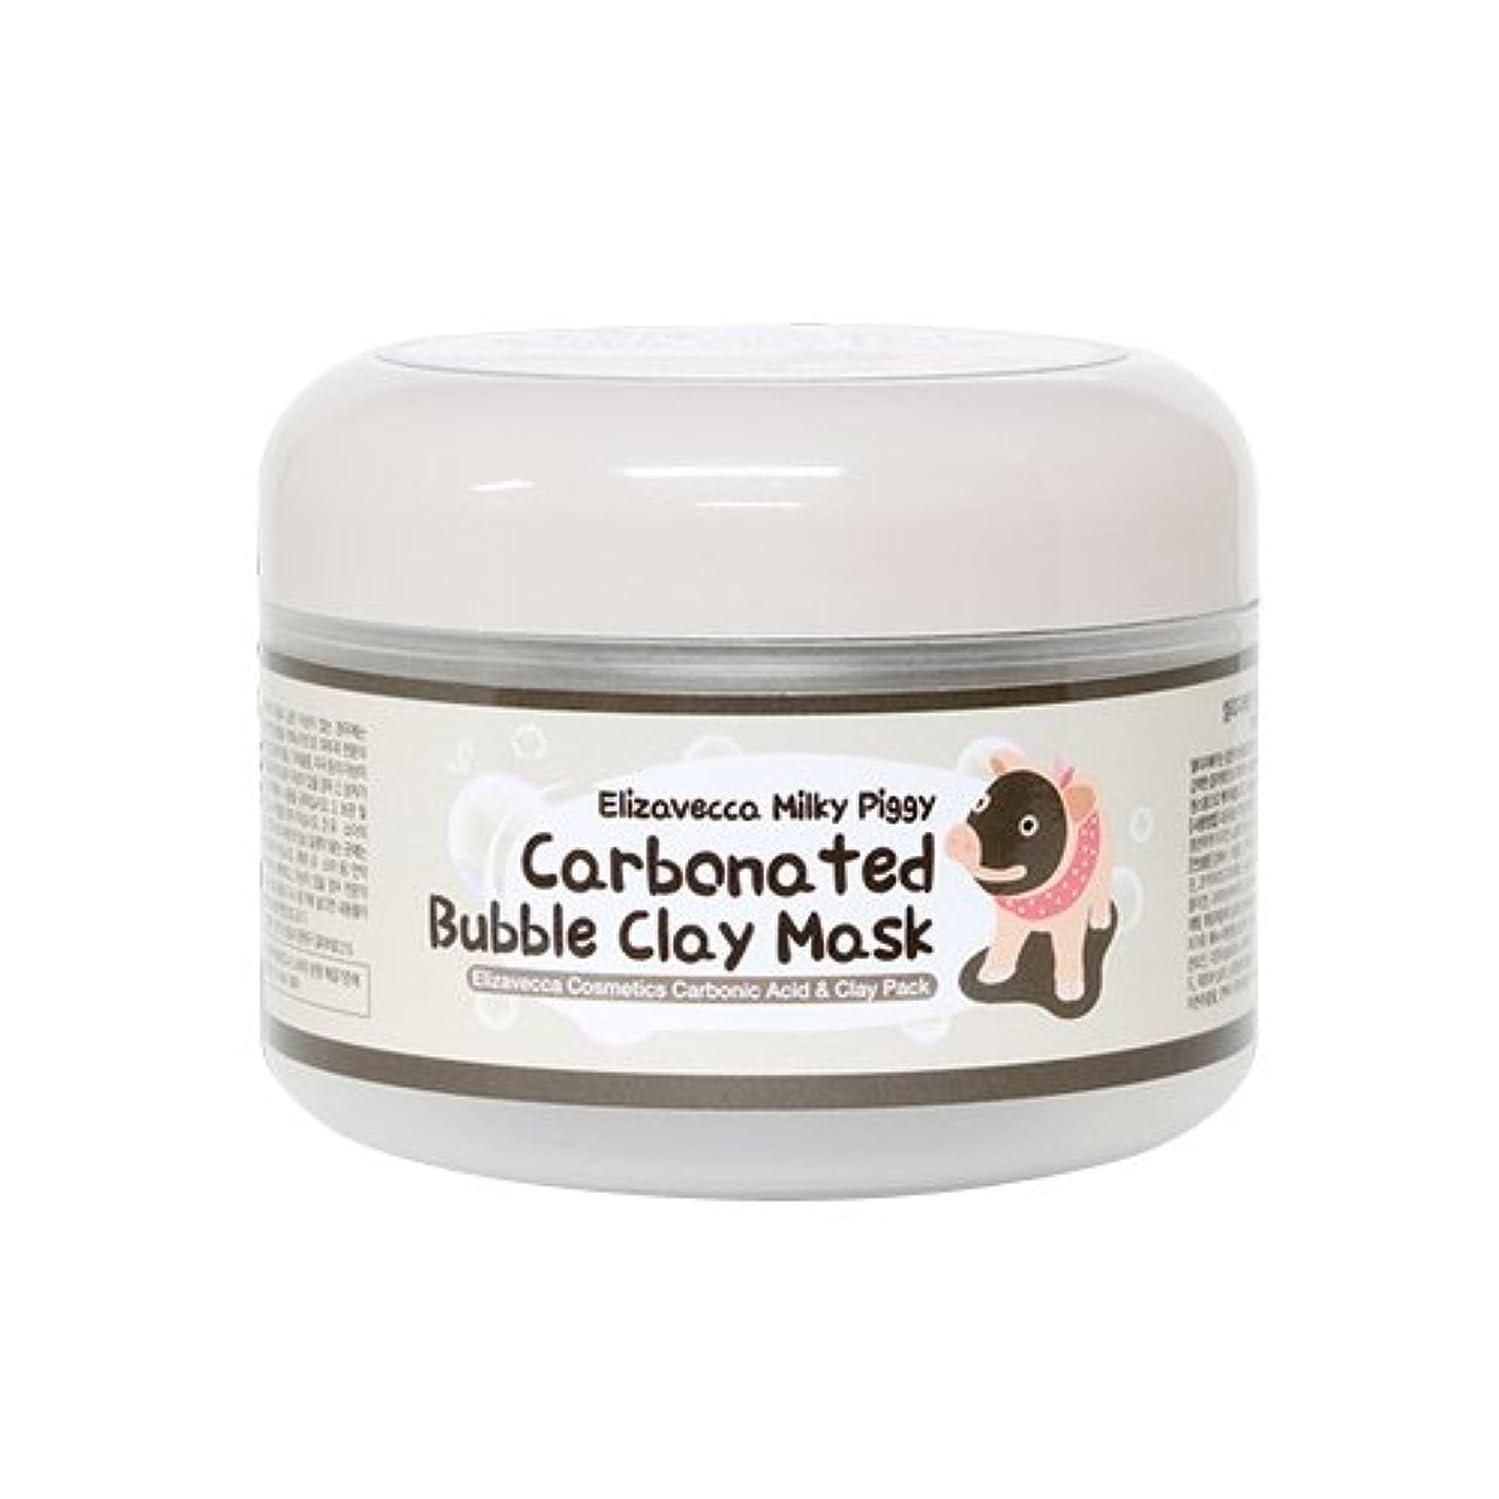 太平洋諸島ピザそれる[Elizaecca/エリザベカ/SESALO]炭酸バブルクレイマスク/Carbanated bubble clay mask[海外直送品]